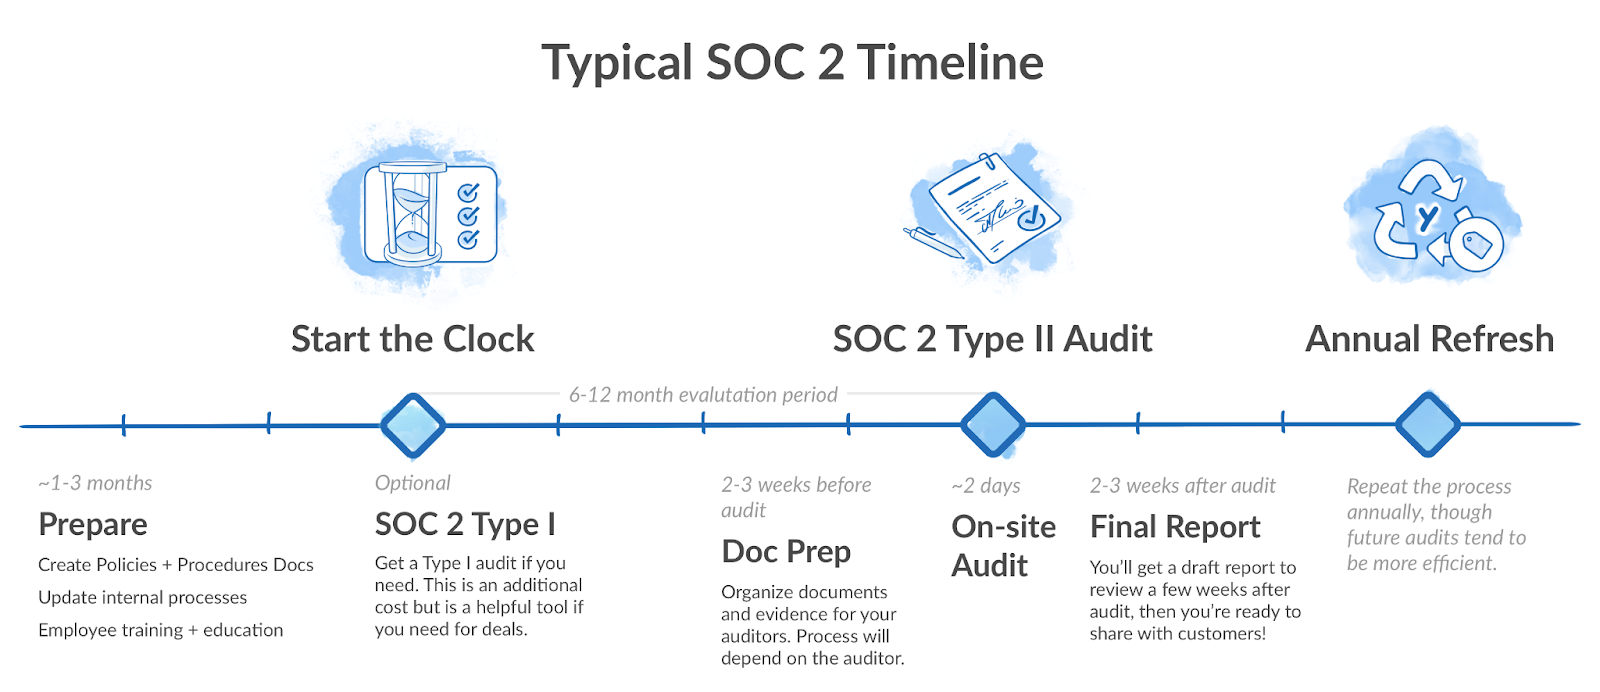 soc2 timeline